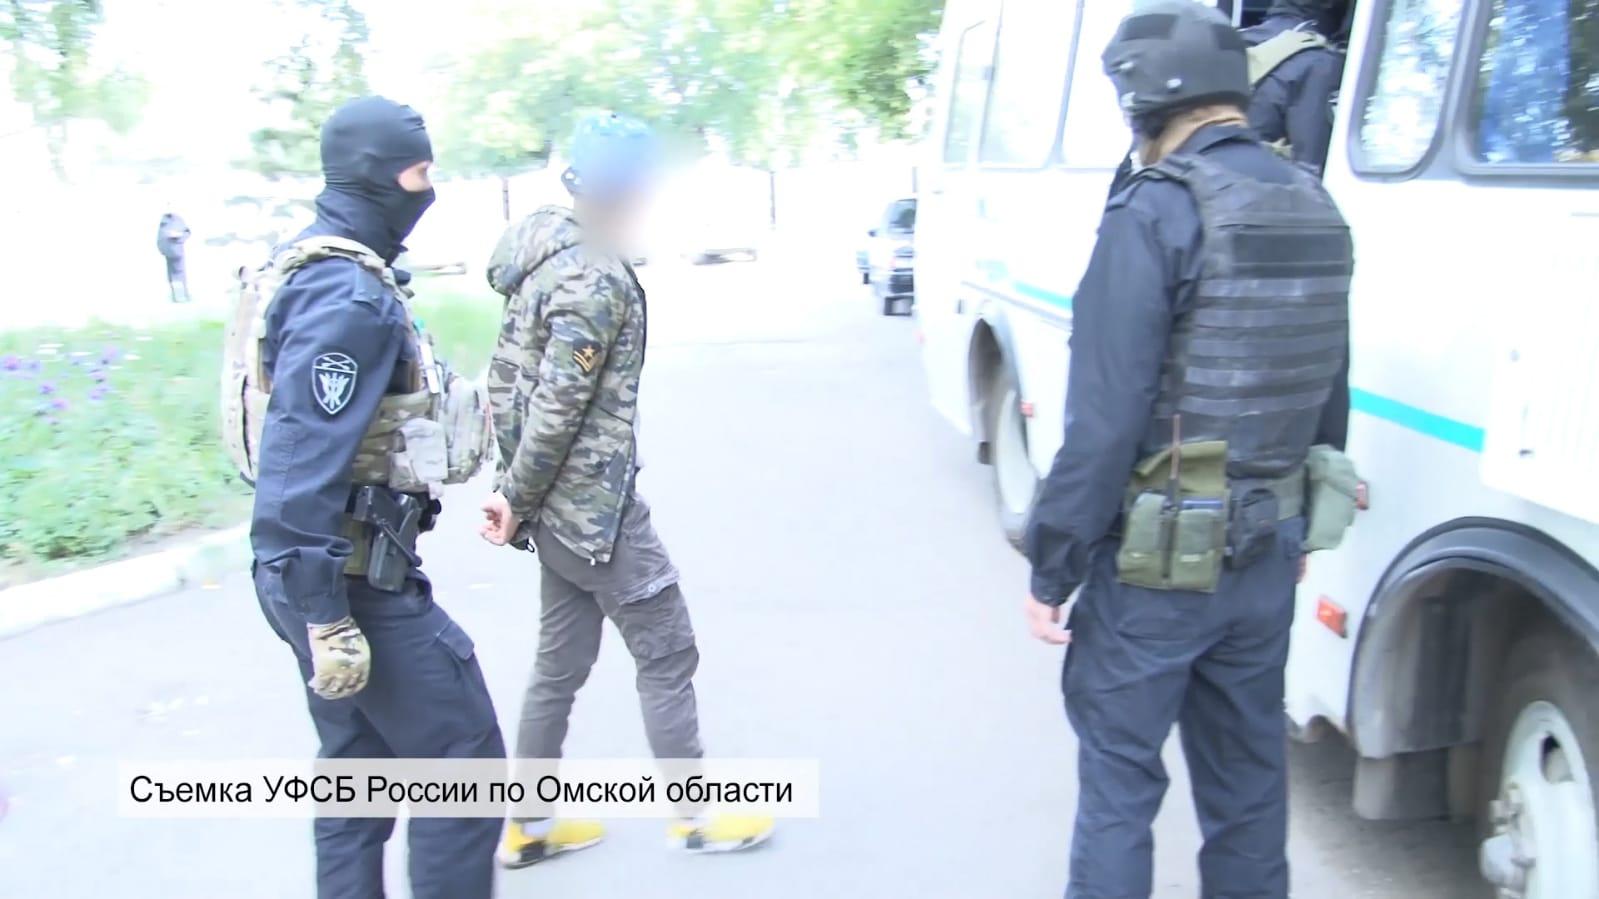 В Омске задержали членов радикальной террористической организации